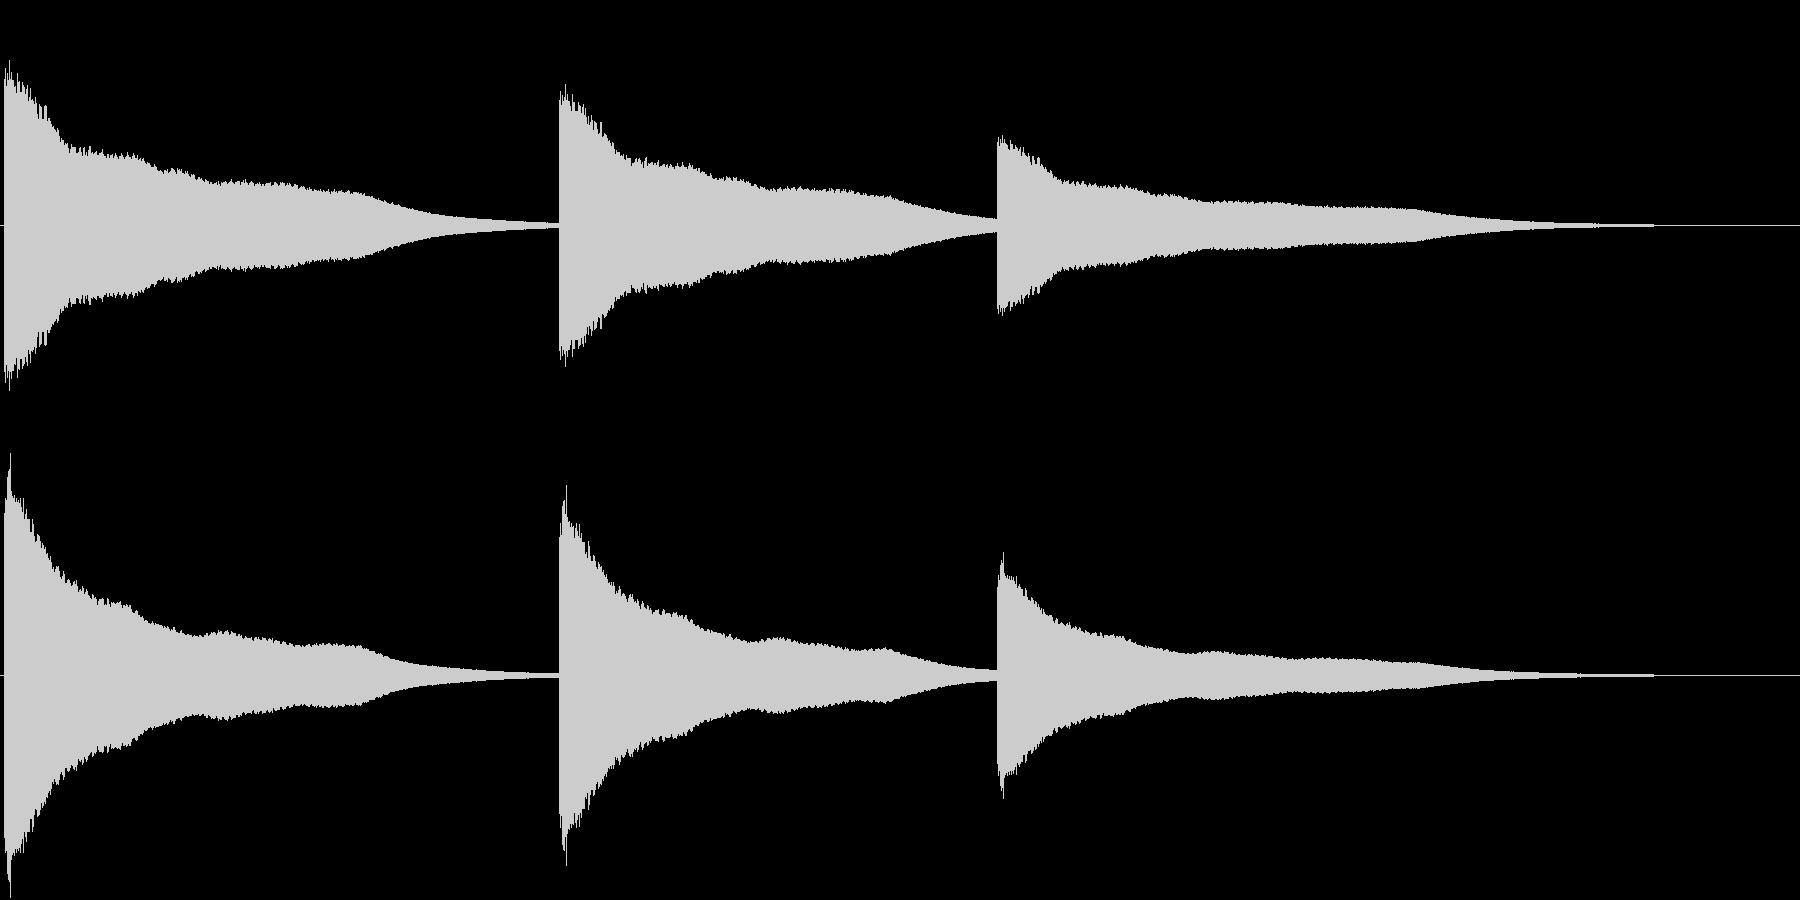 カーン(鐘をつく音)の未再生の波形